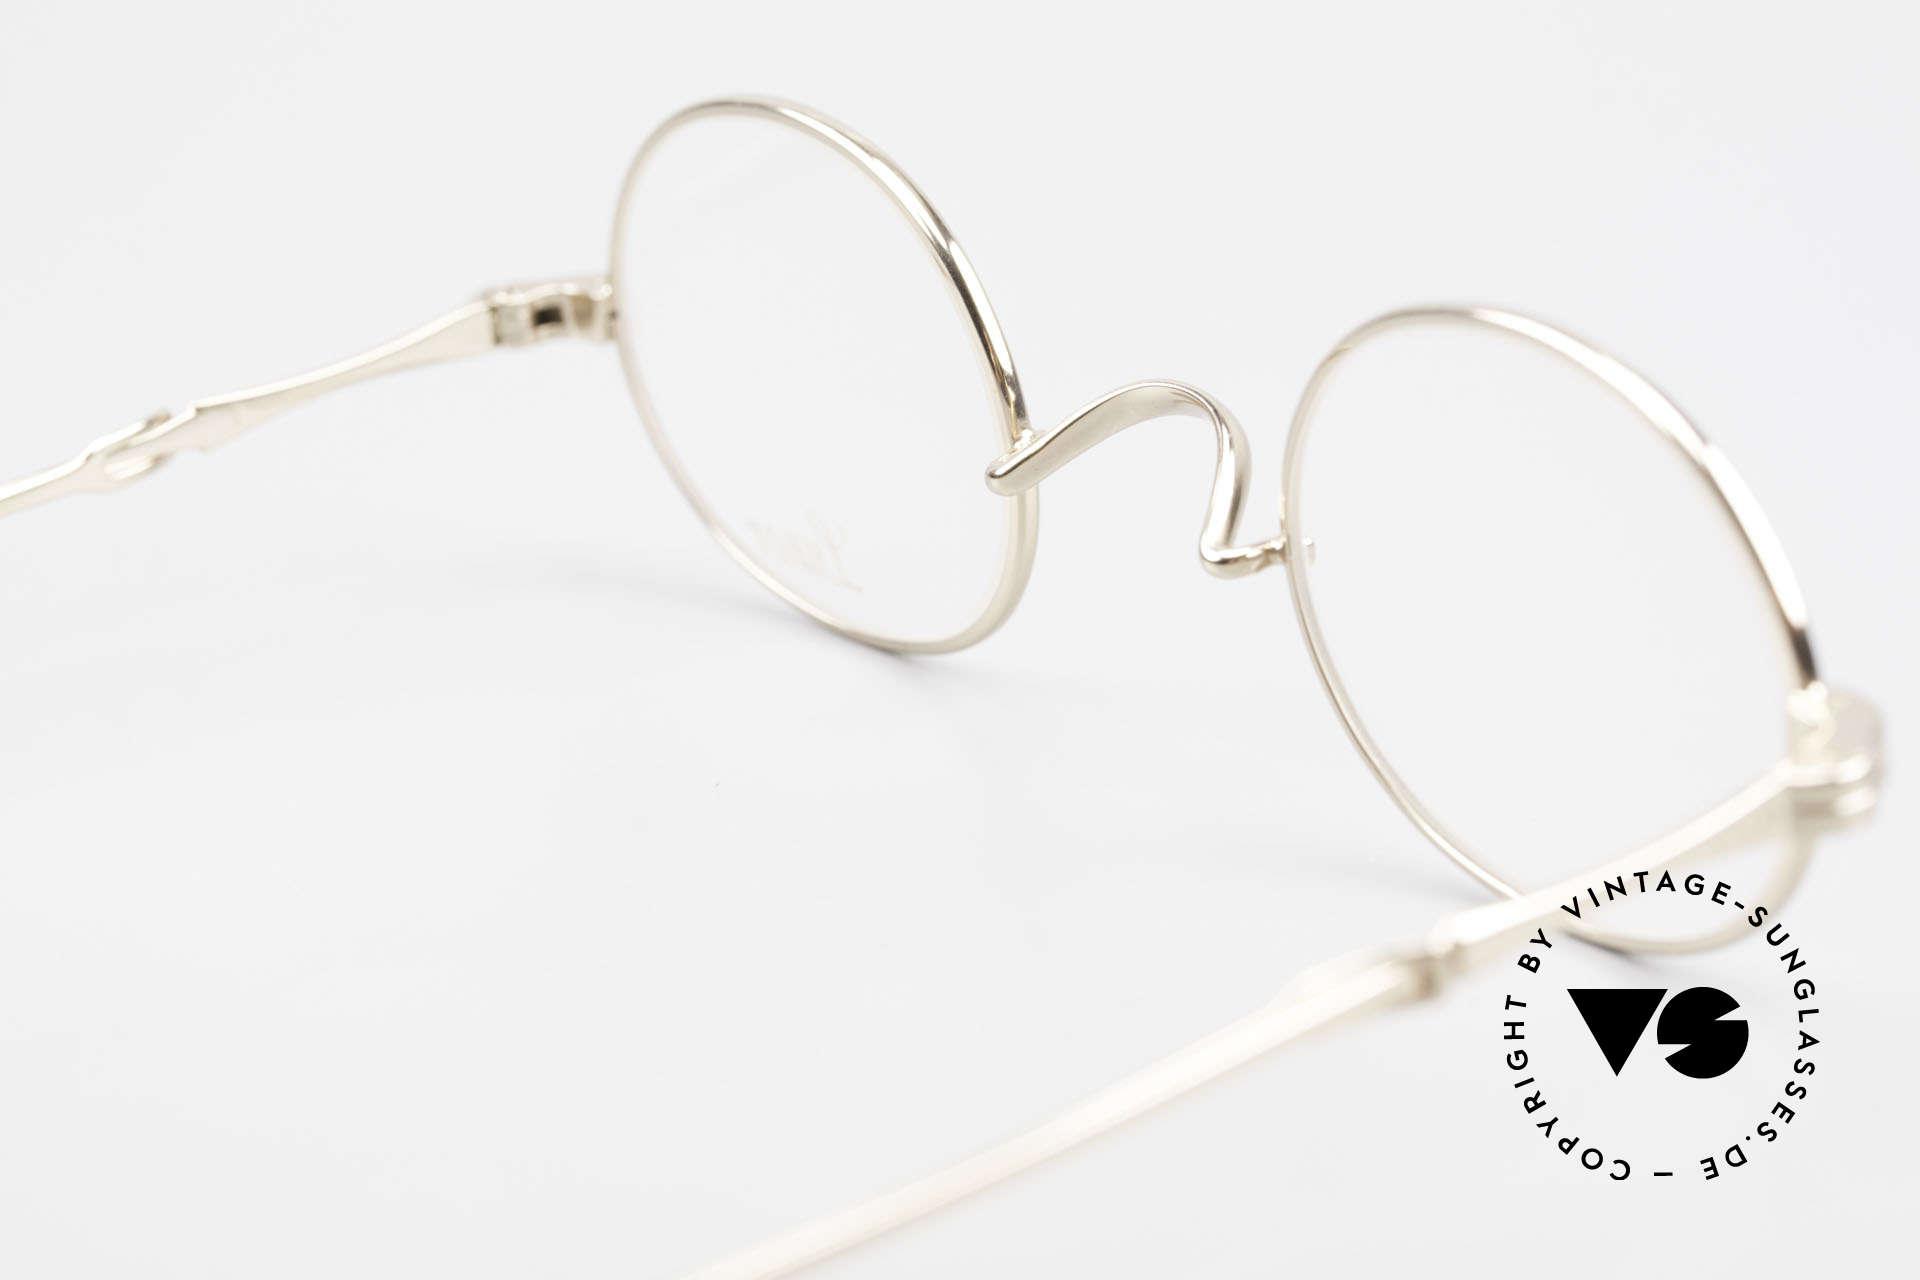 Lunor I 10 Telescopic Lunor Glasses Oval Slide Temple, Size: small, Made for Men and Women